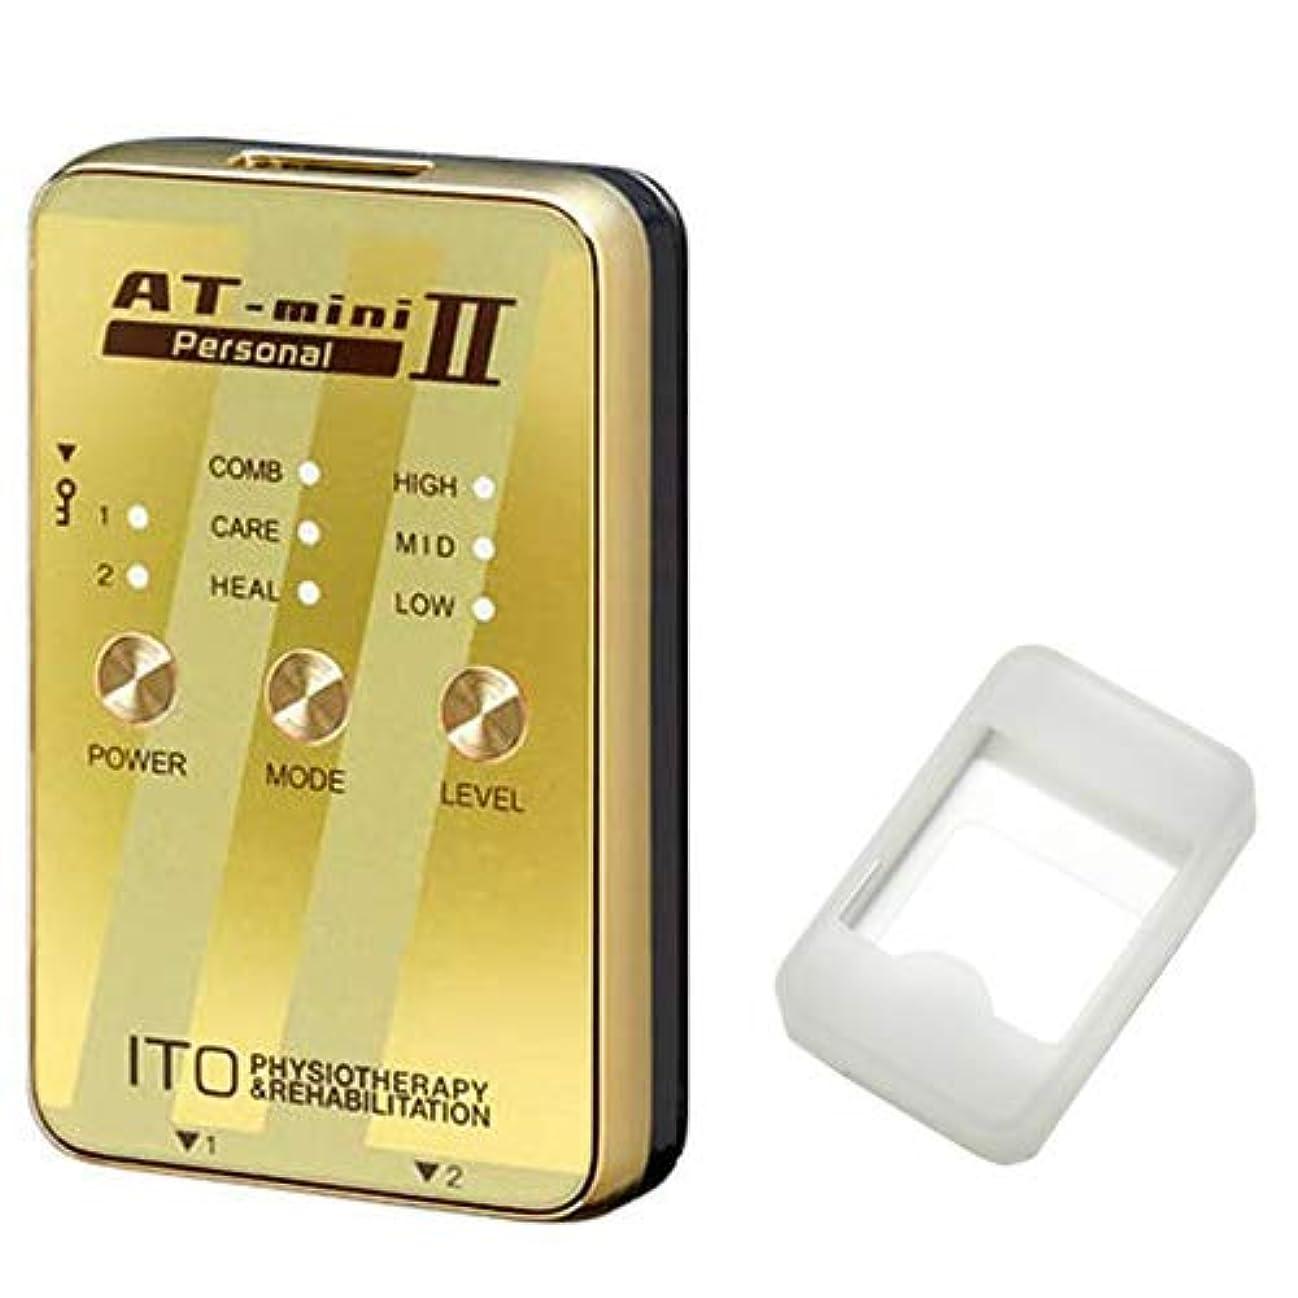 低周波治療器 AT-mini personal II ゴールド (ATミニパーソナル2) + シリコン保護ケース